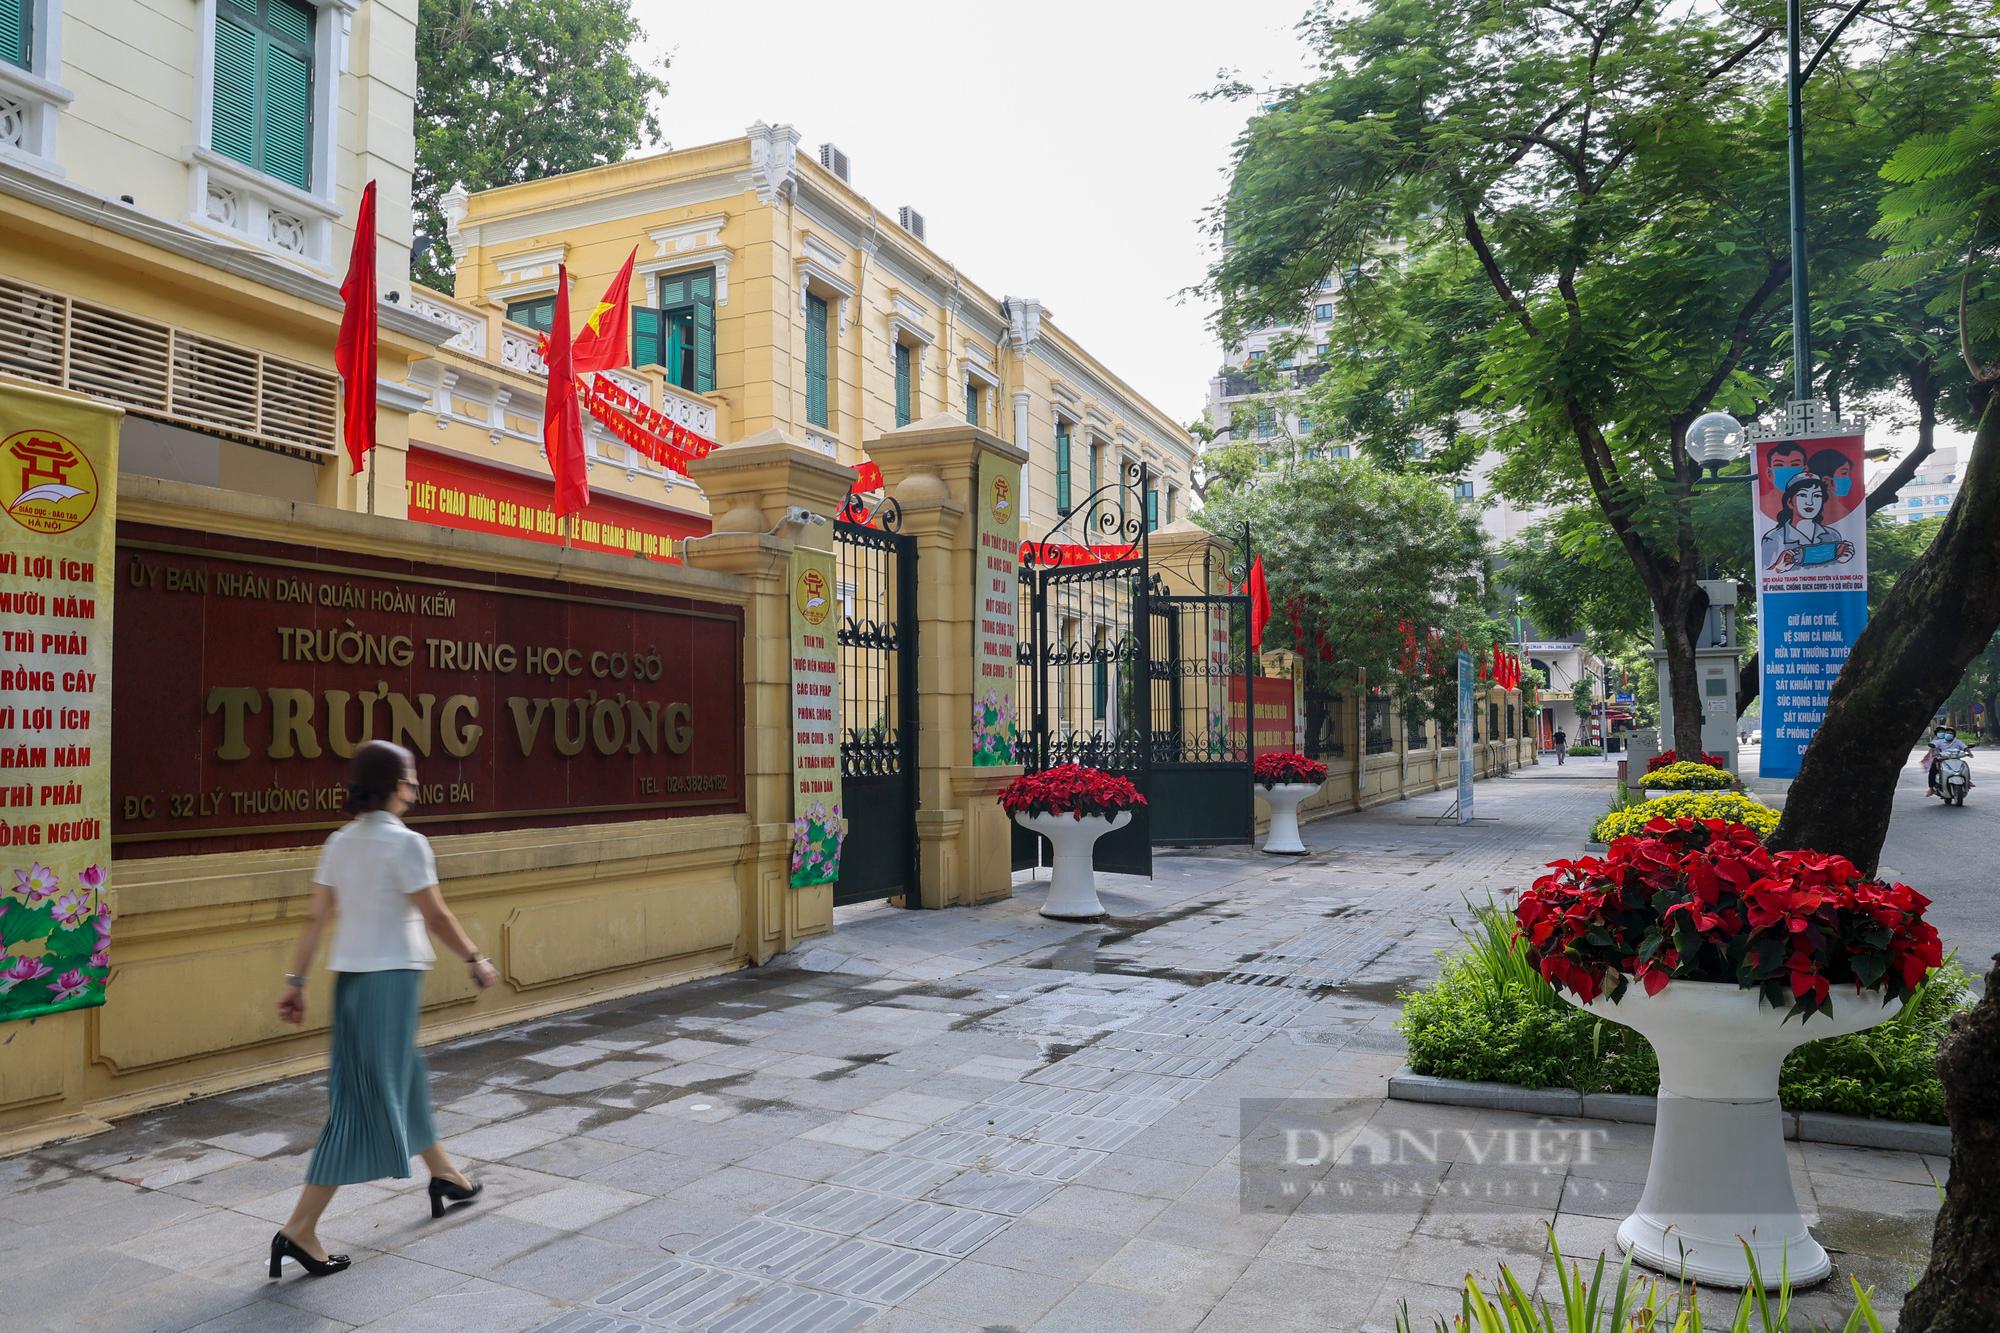 Hà Nội: Gấp rút chuẩn bị cho Lễ khai giảng online đặc biệt của Thủ đô - Ảnh 2.